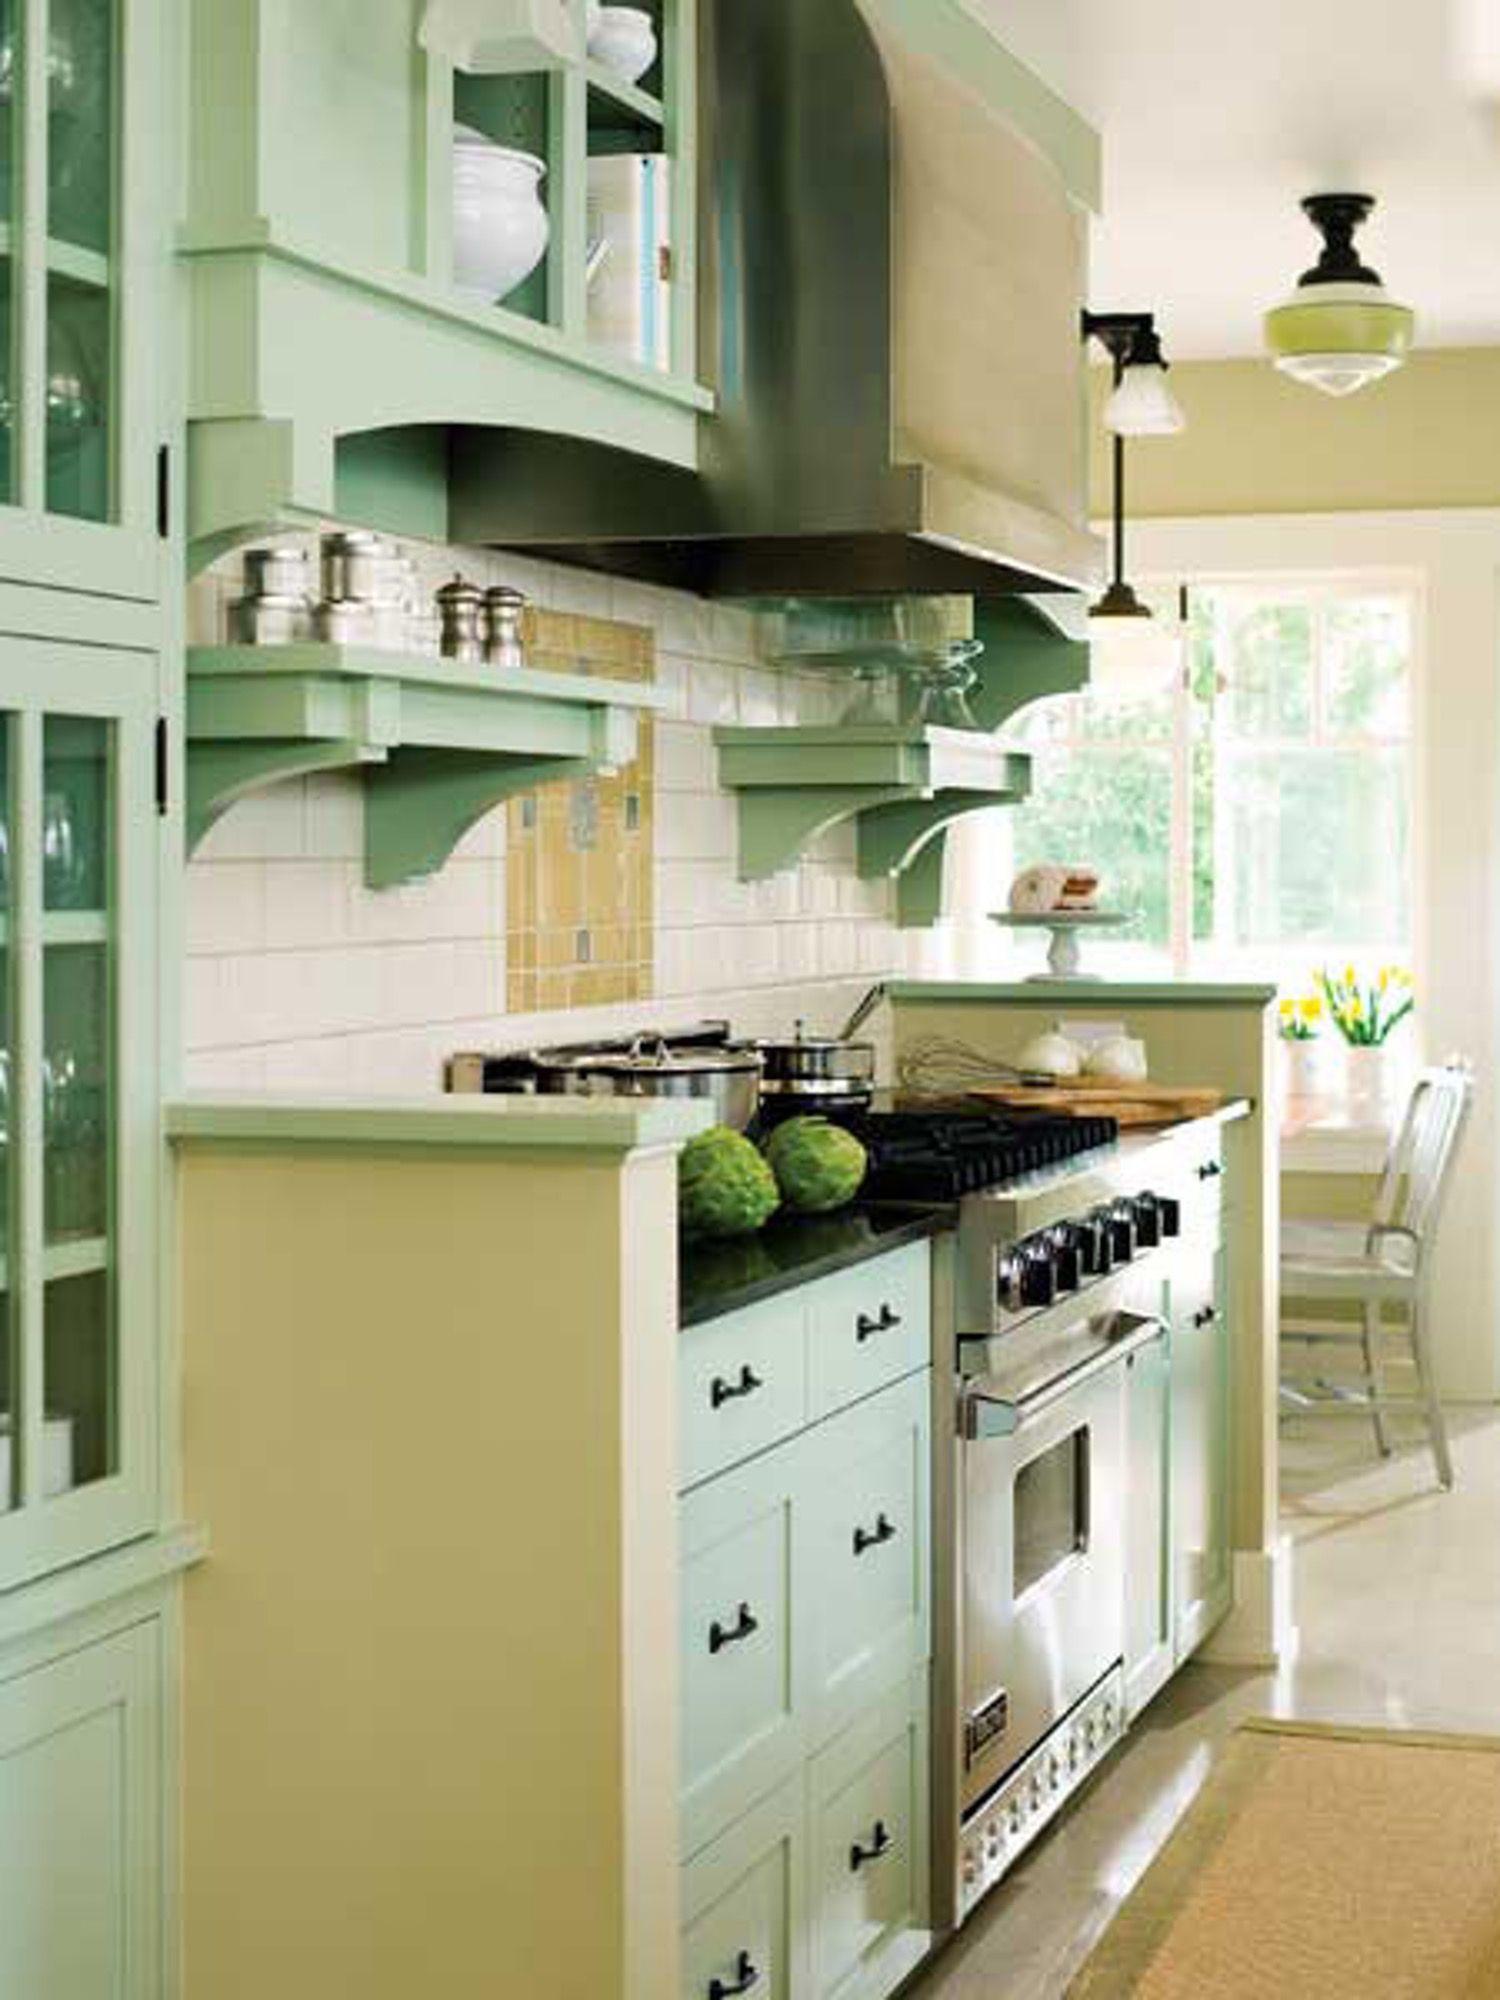 Seafoam Green And A Craftsman Galley Kitchen Update Kitchen Design Green Kitchen Cabinets Craftsman Kitchen